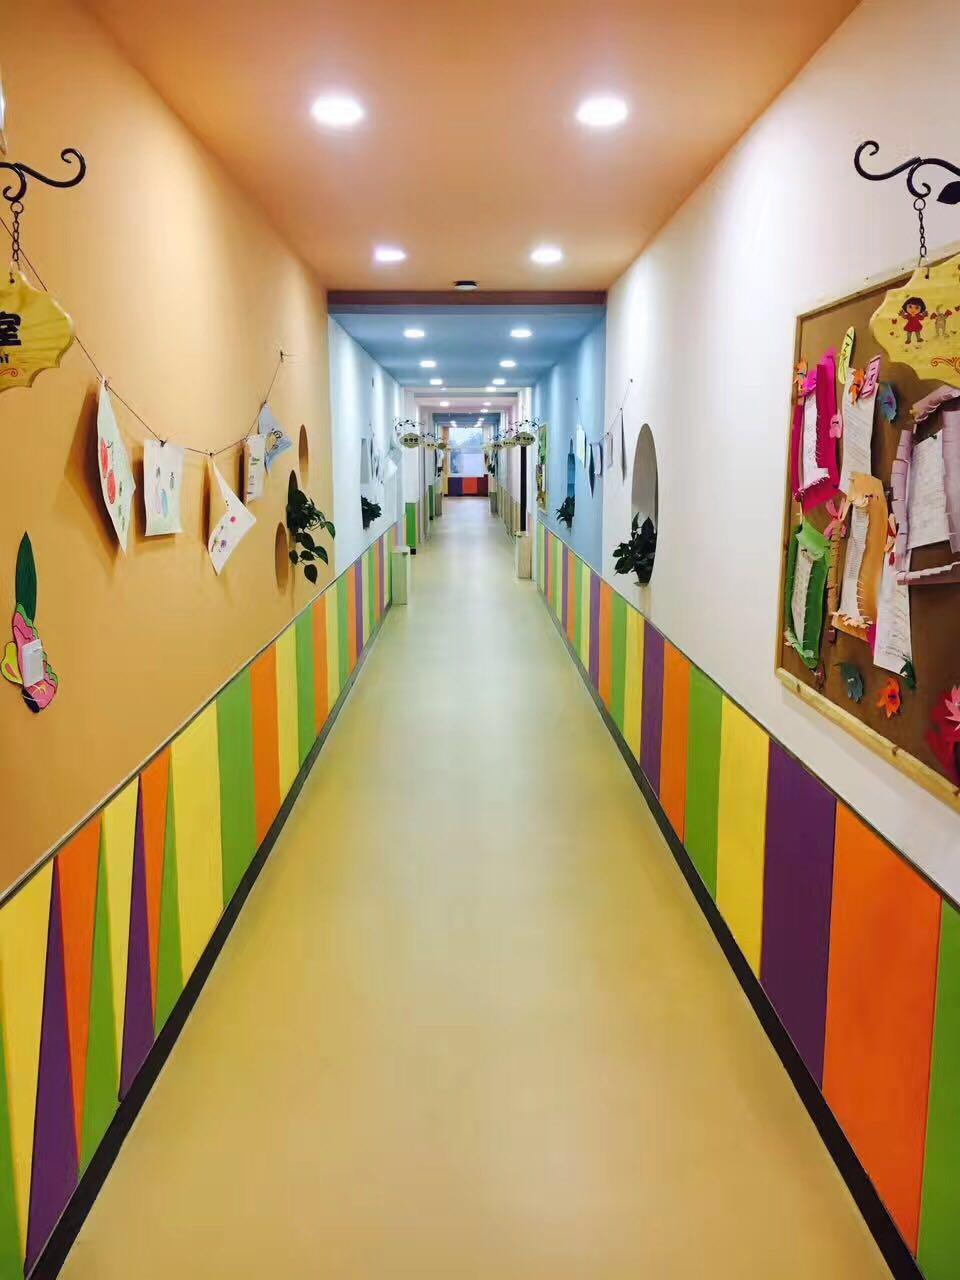 幼儿园卡通墙裙,安全墙裙,已清理